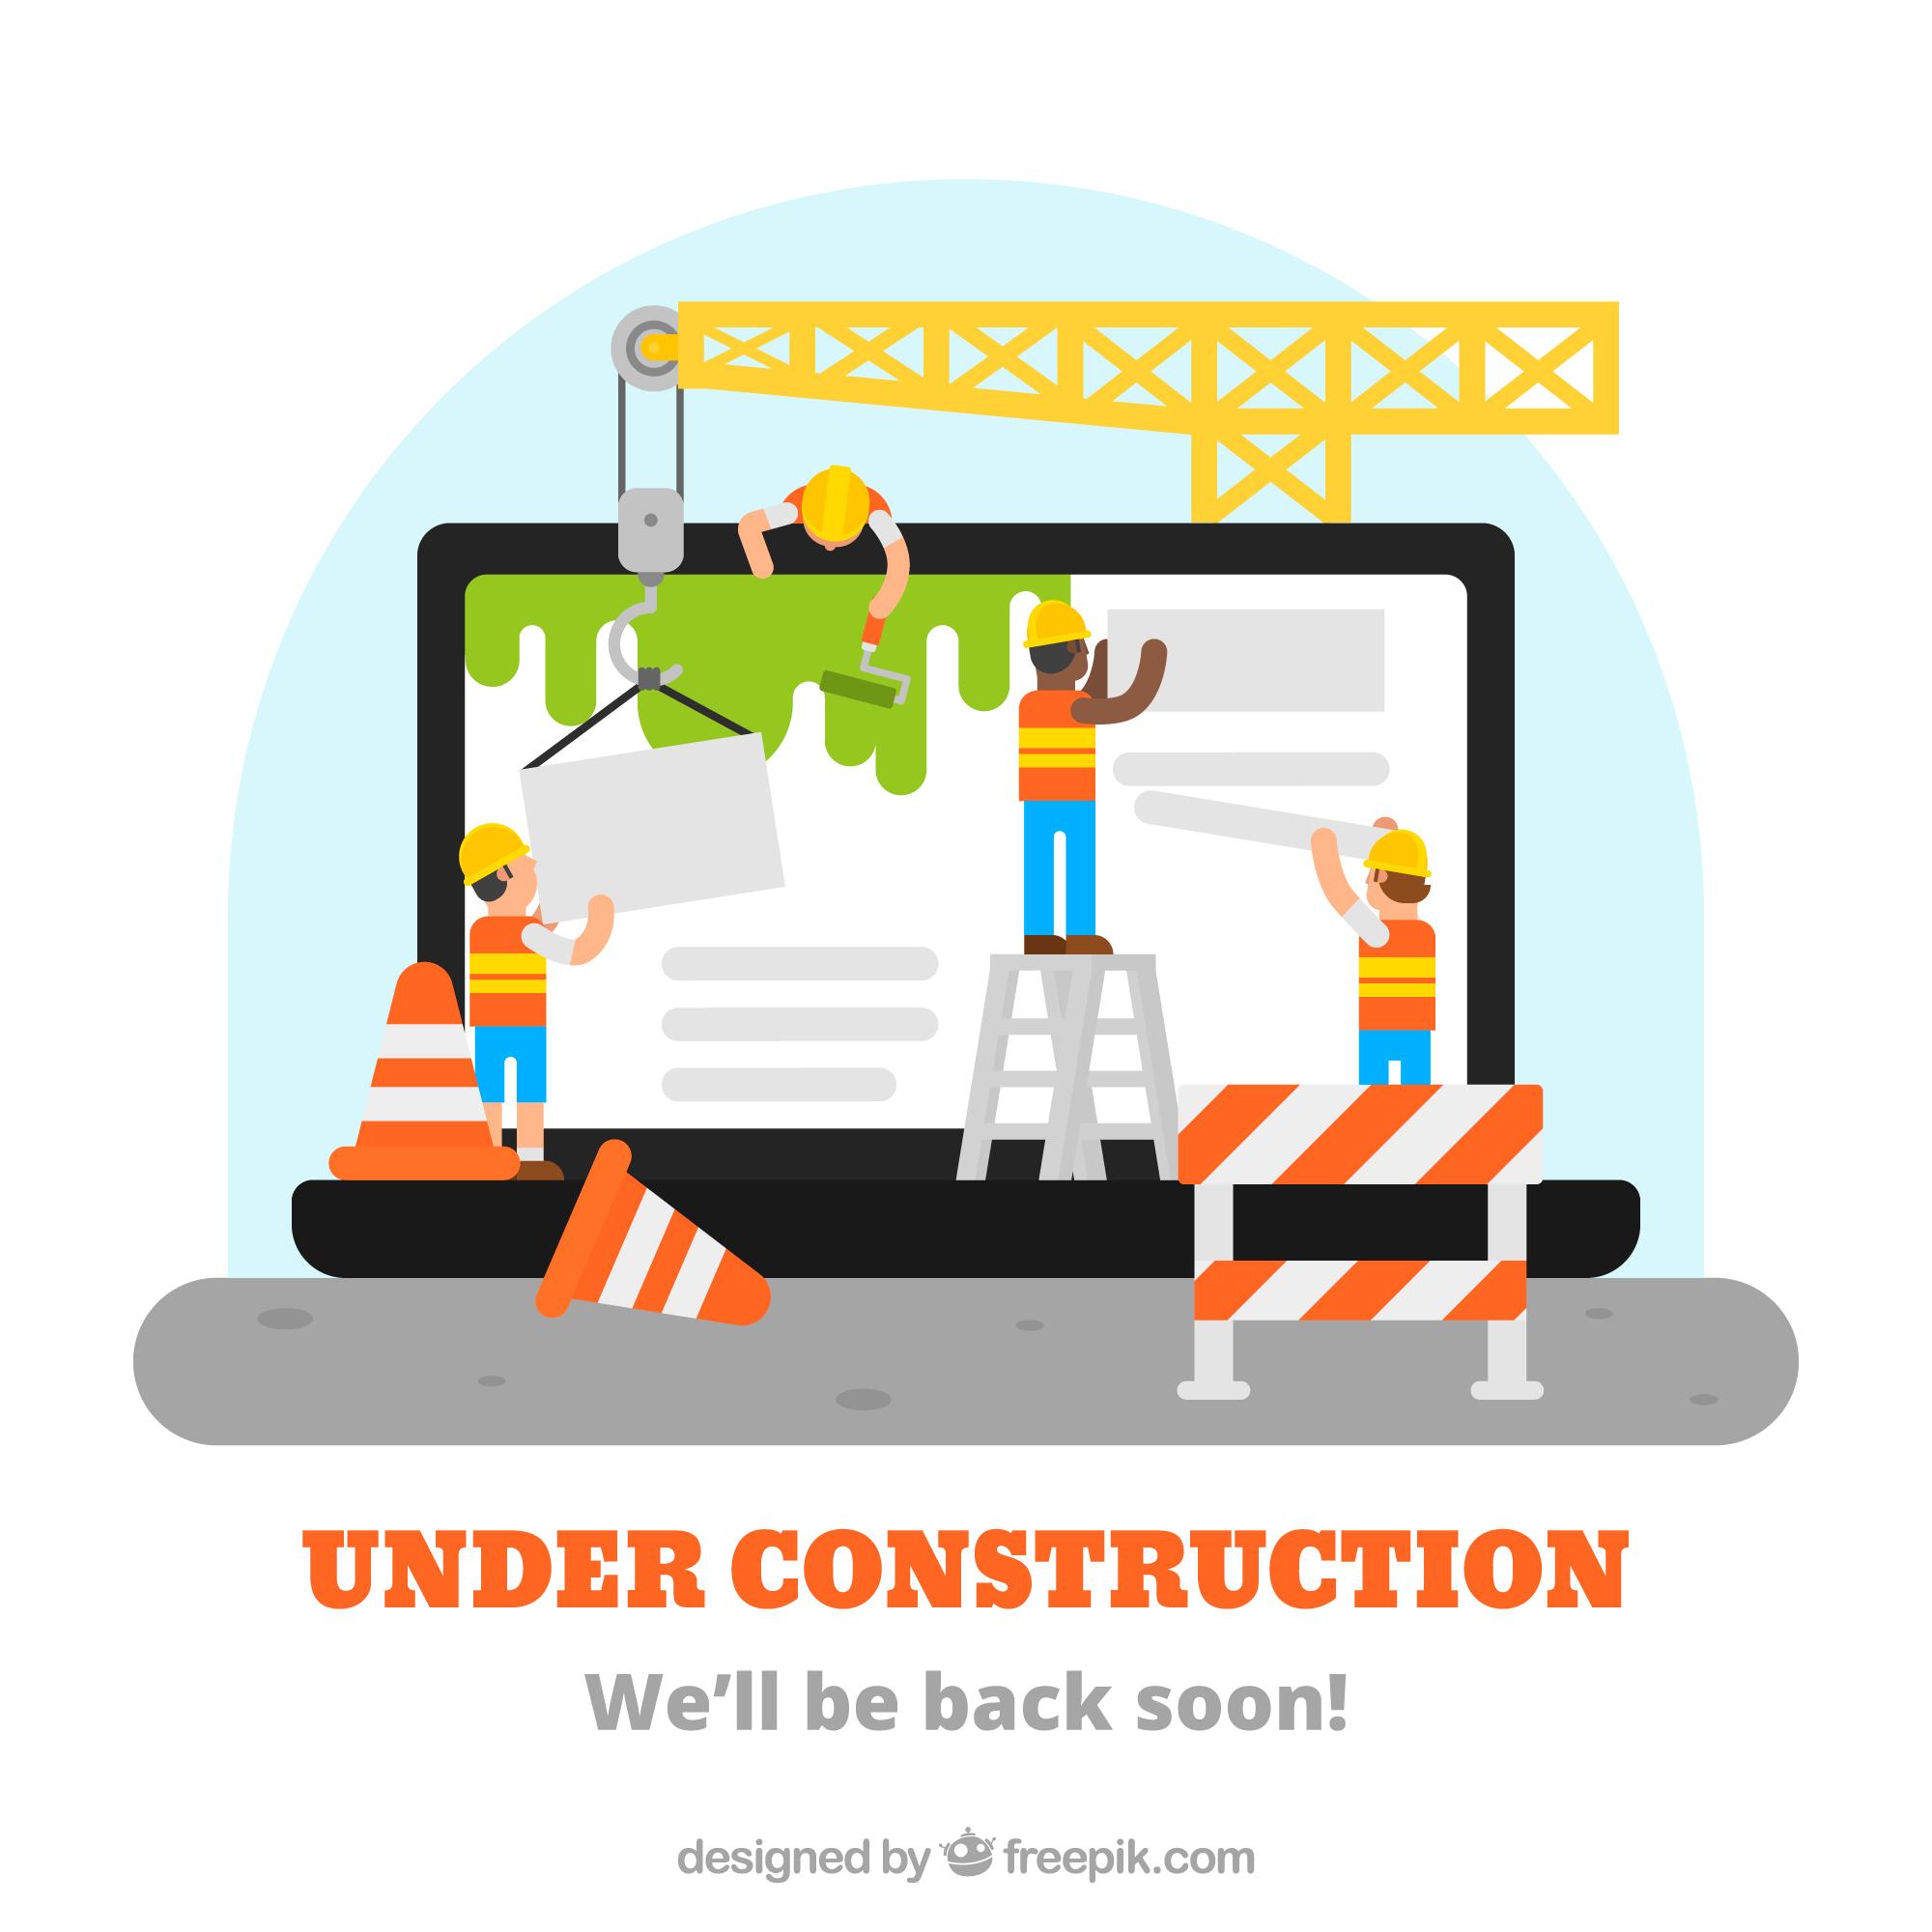 LSCCH's Website Will Be Back Soon